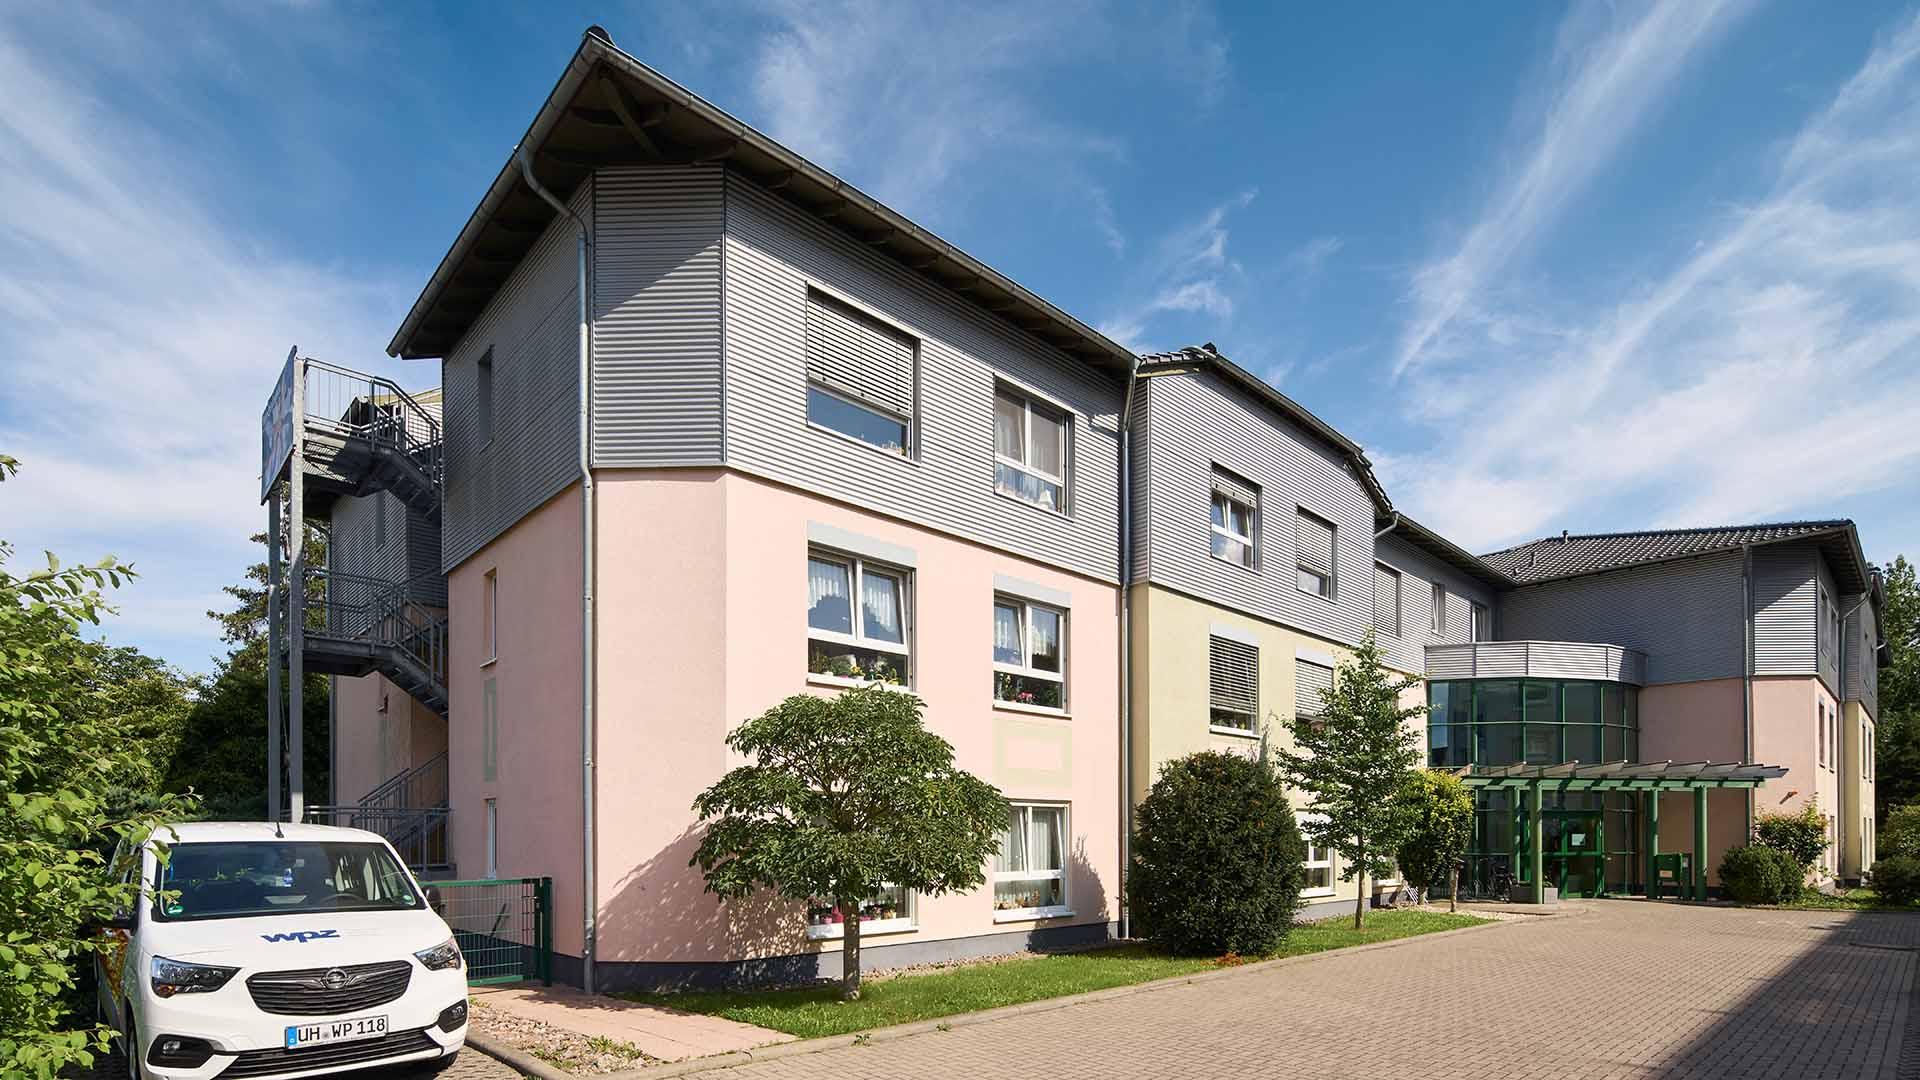 Wohn- und Pflegezentrum | Am Hainich